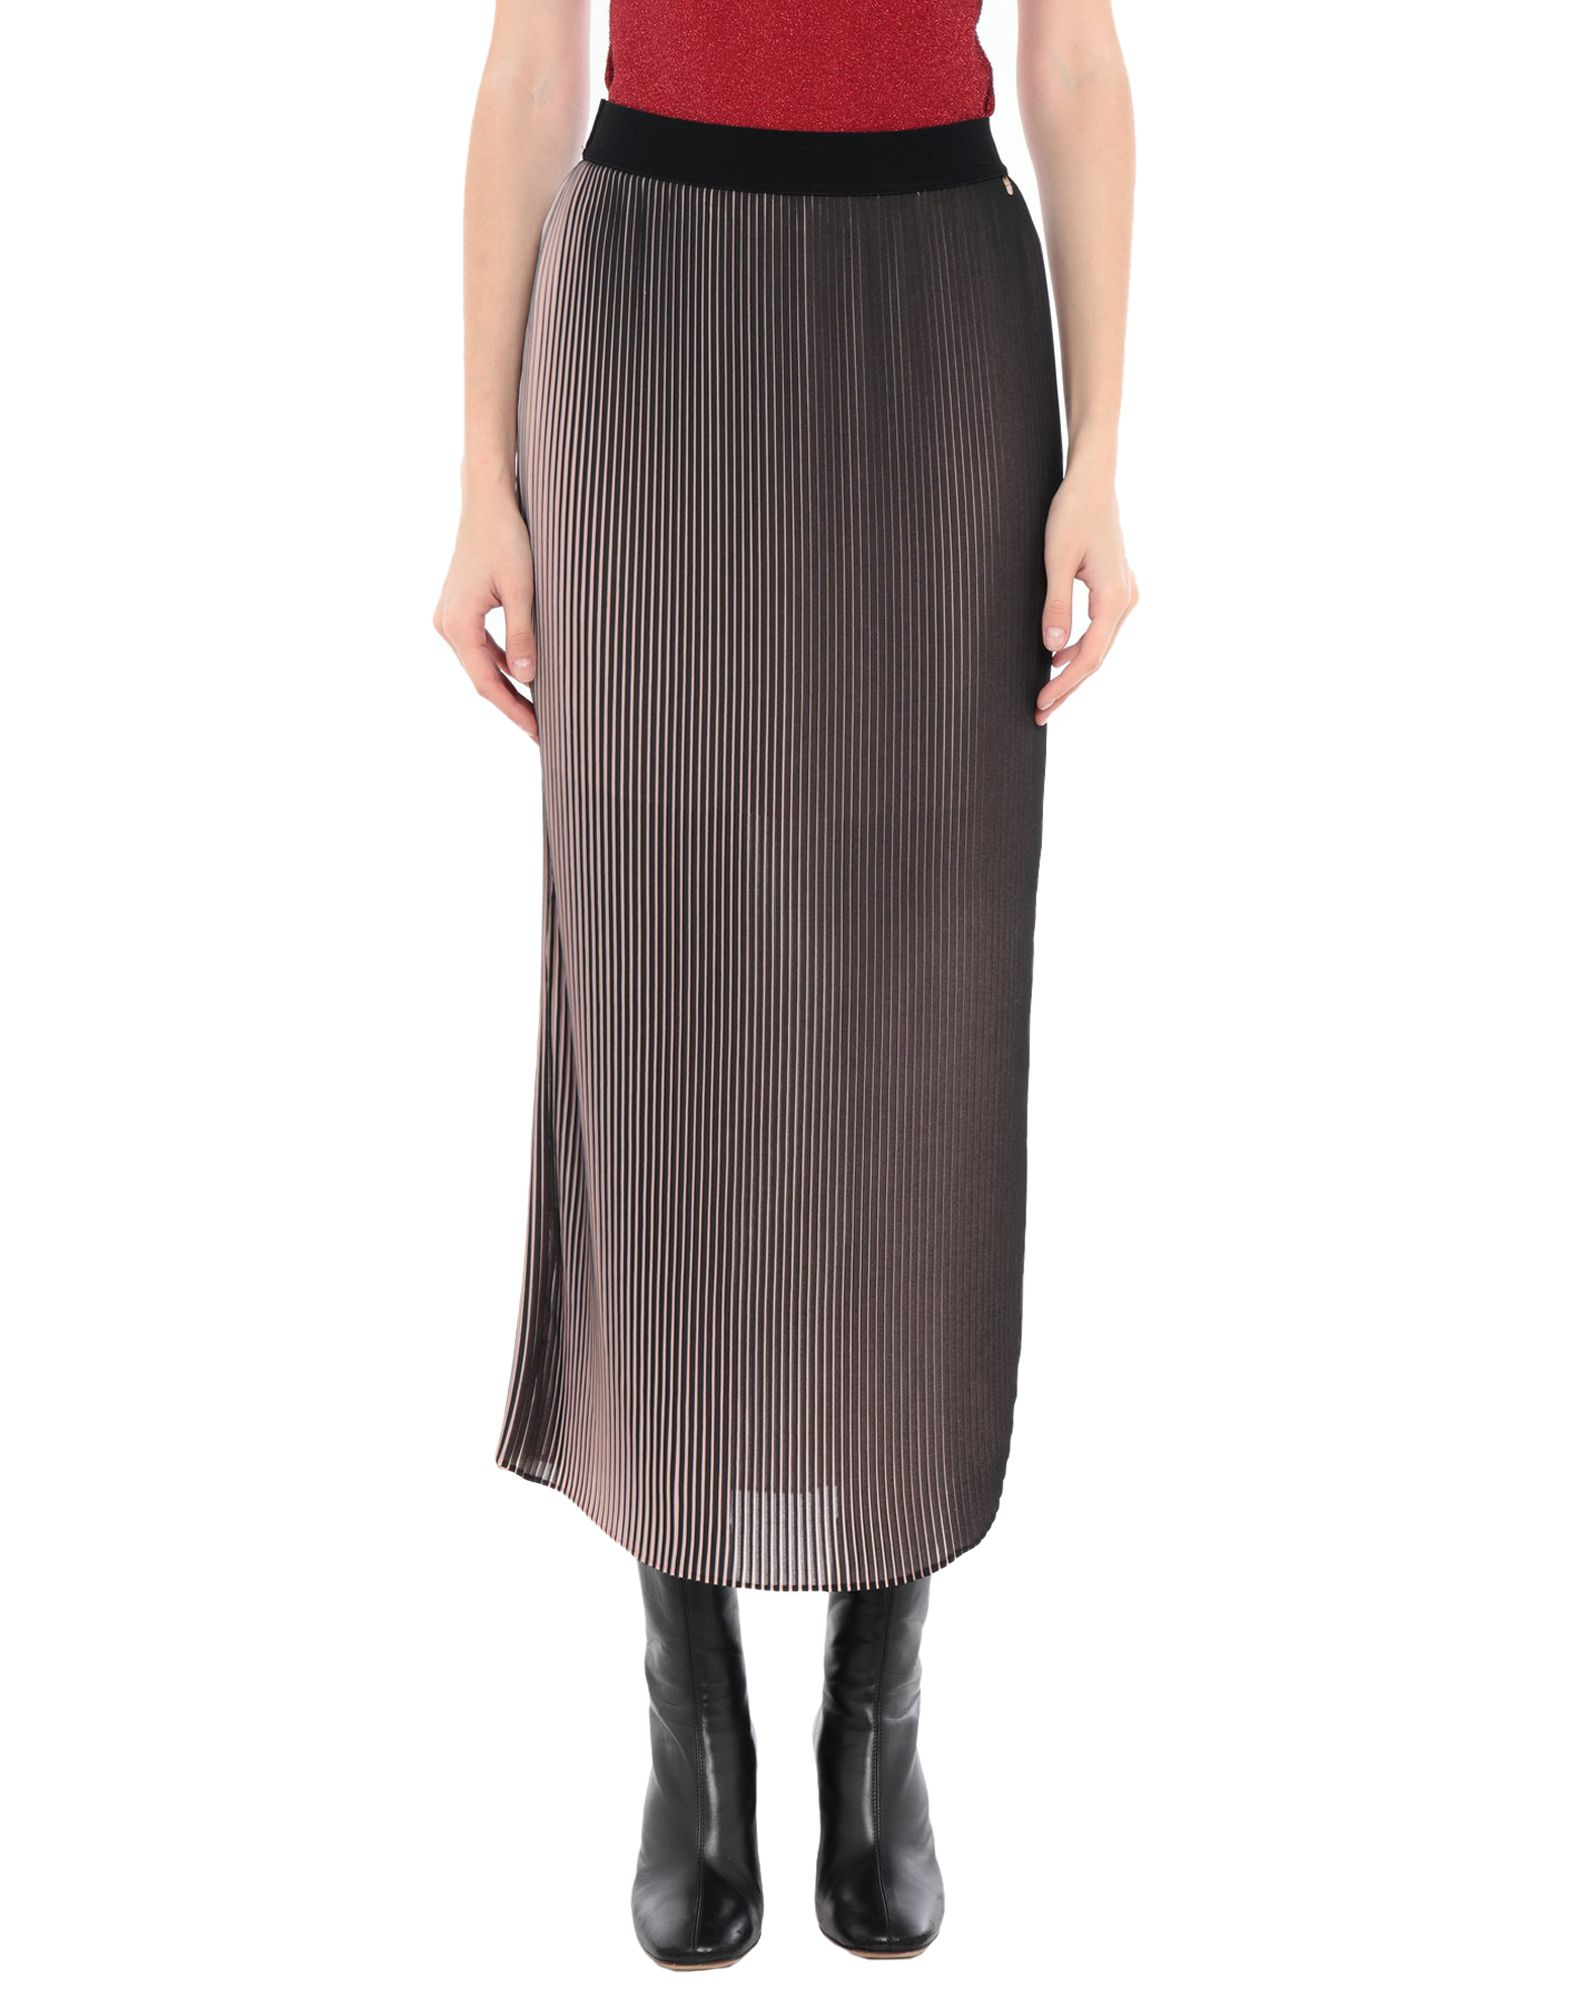 Фото - LUCKYLU Milano Длинная юбка юбка twinset milano twinset milano tw008egdblw1